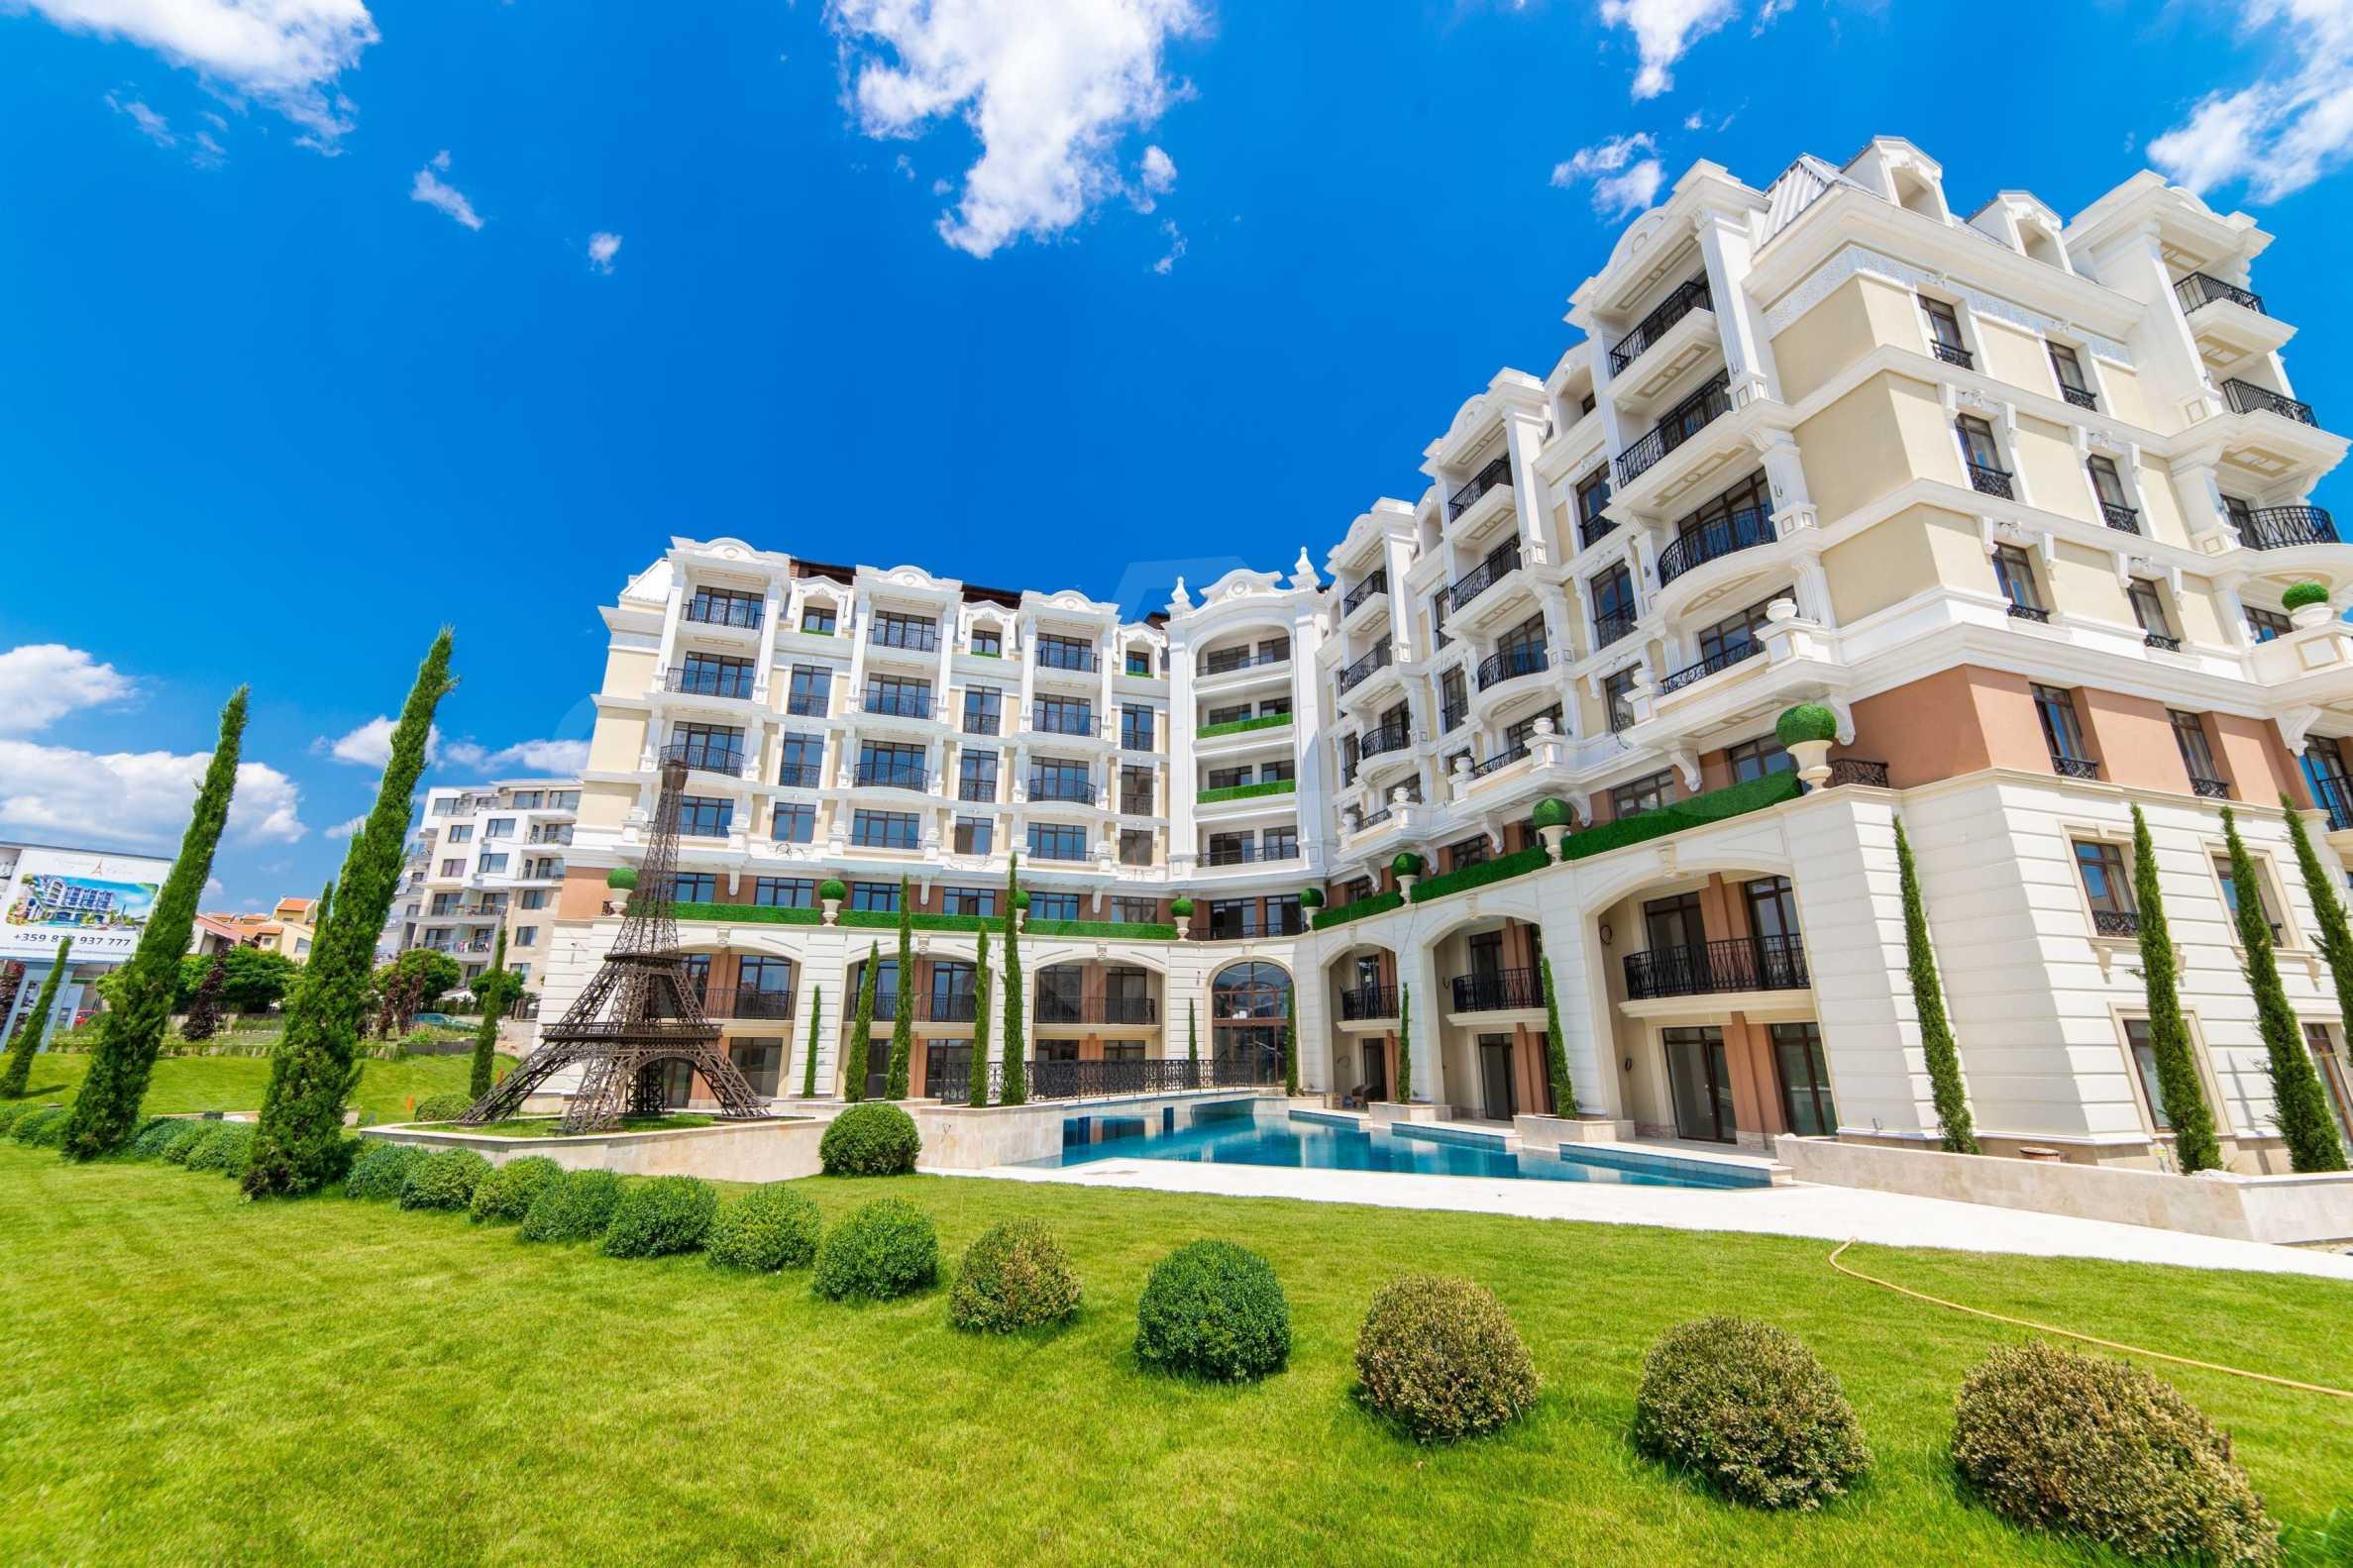 Erstklassige Apartments  zum TOP-Preis ab 890 €/m² im Komplex im Stil der französischen Renaissance (Akt 16) 13